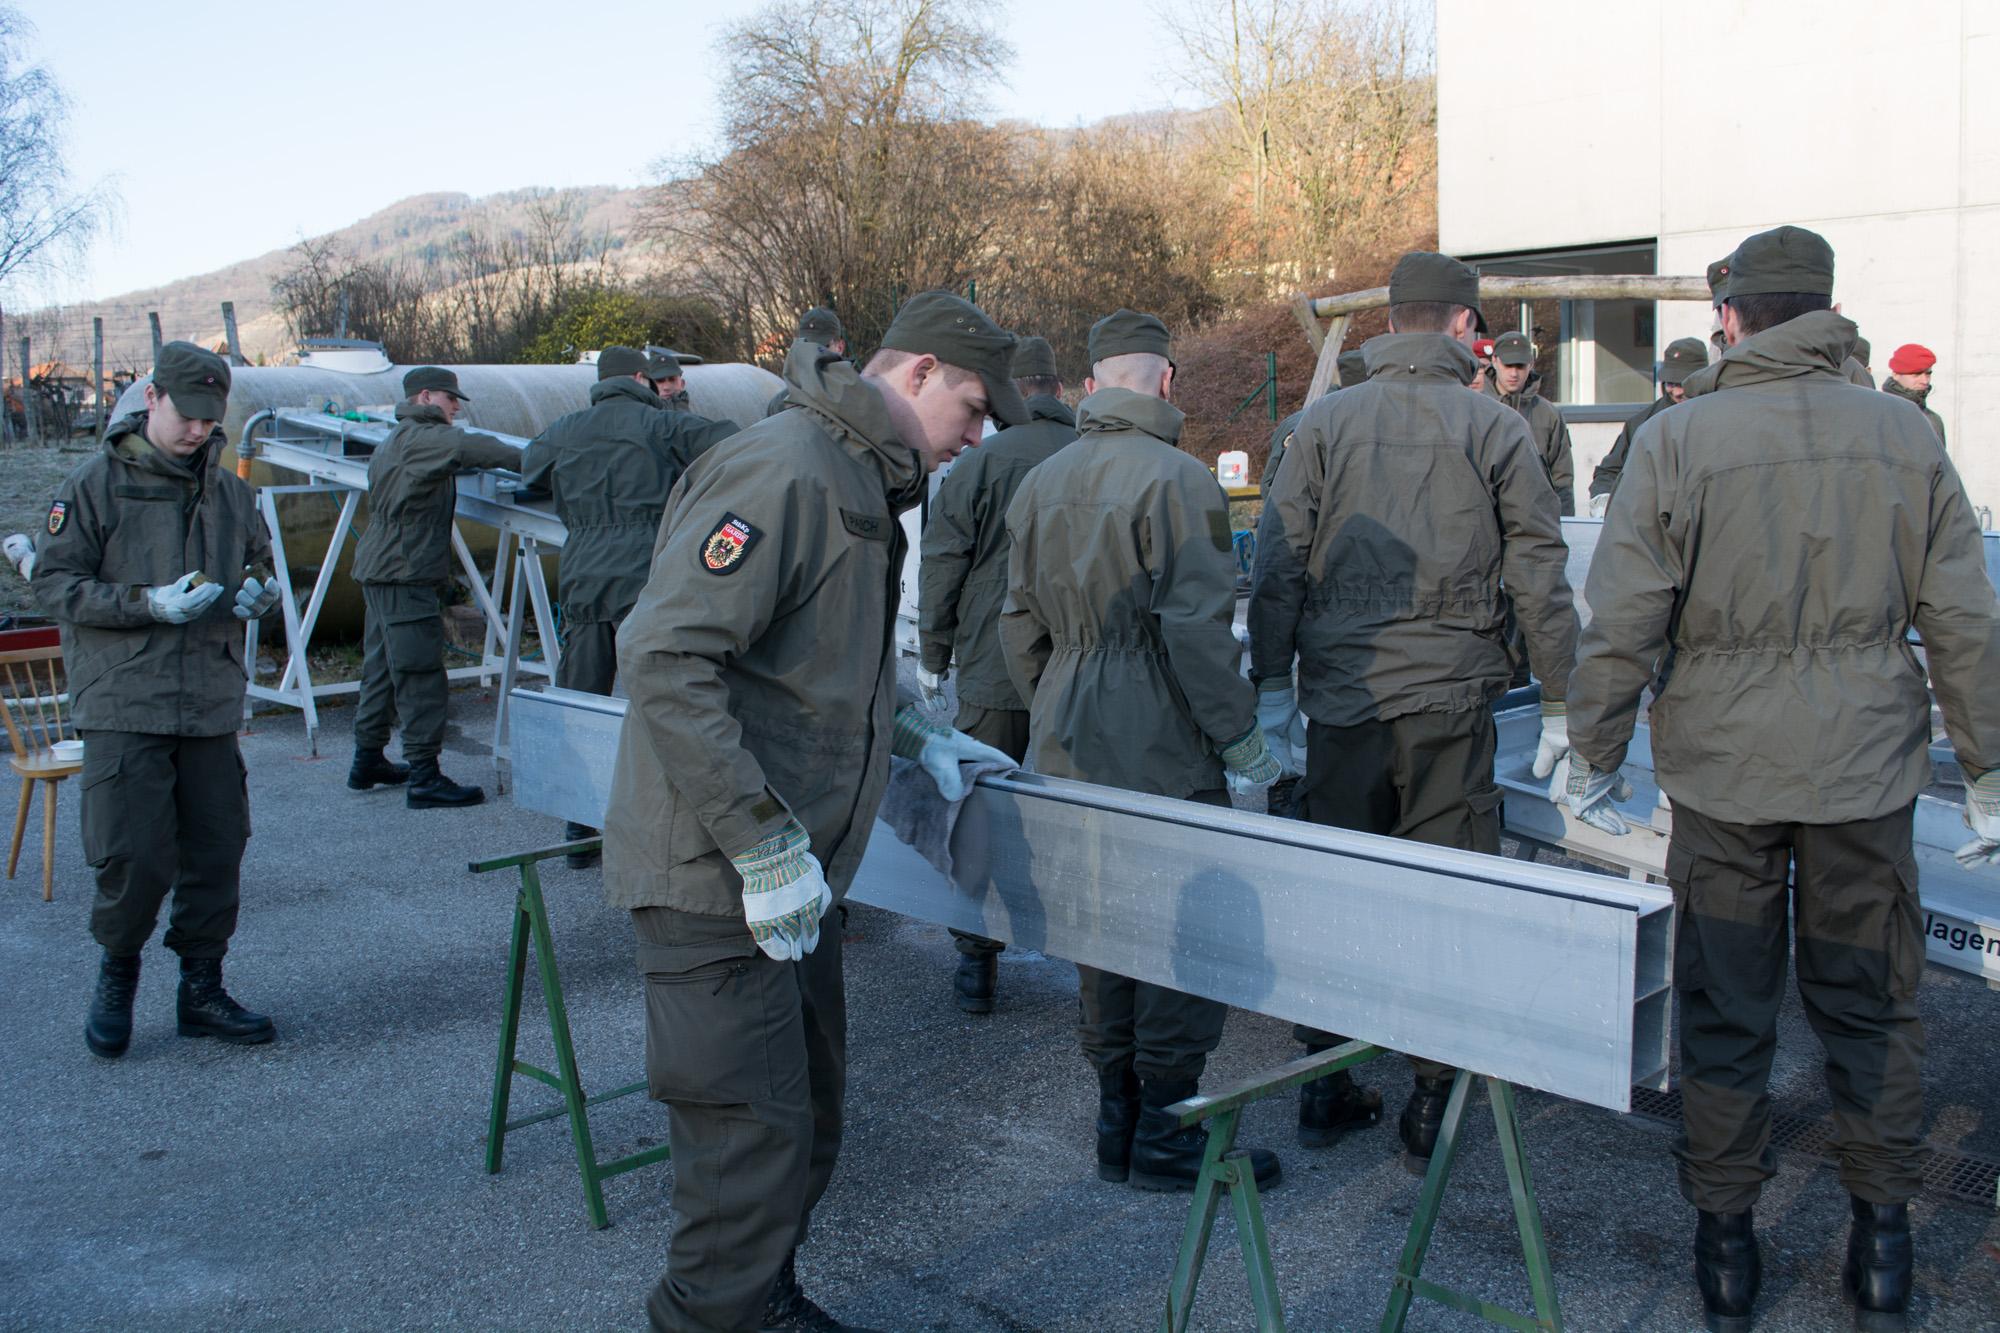 2020_03_05_2GdKp__Katastrophenschutzausbildung-Weißenkirchen_DSC_4488